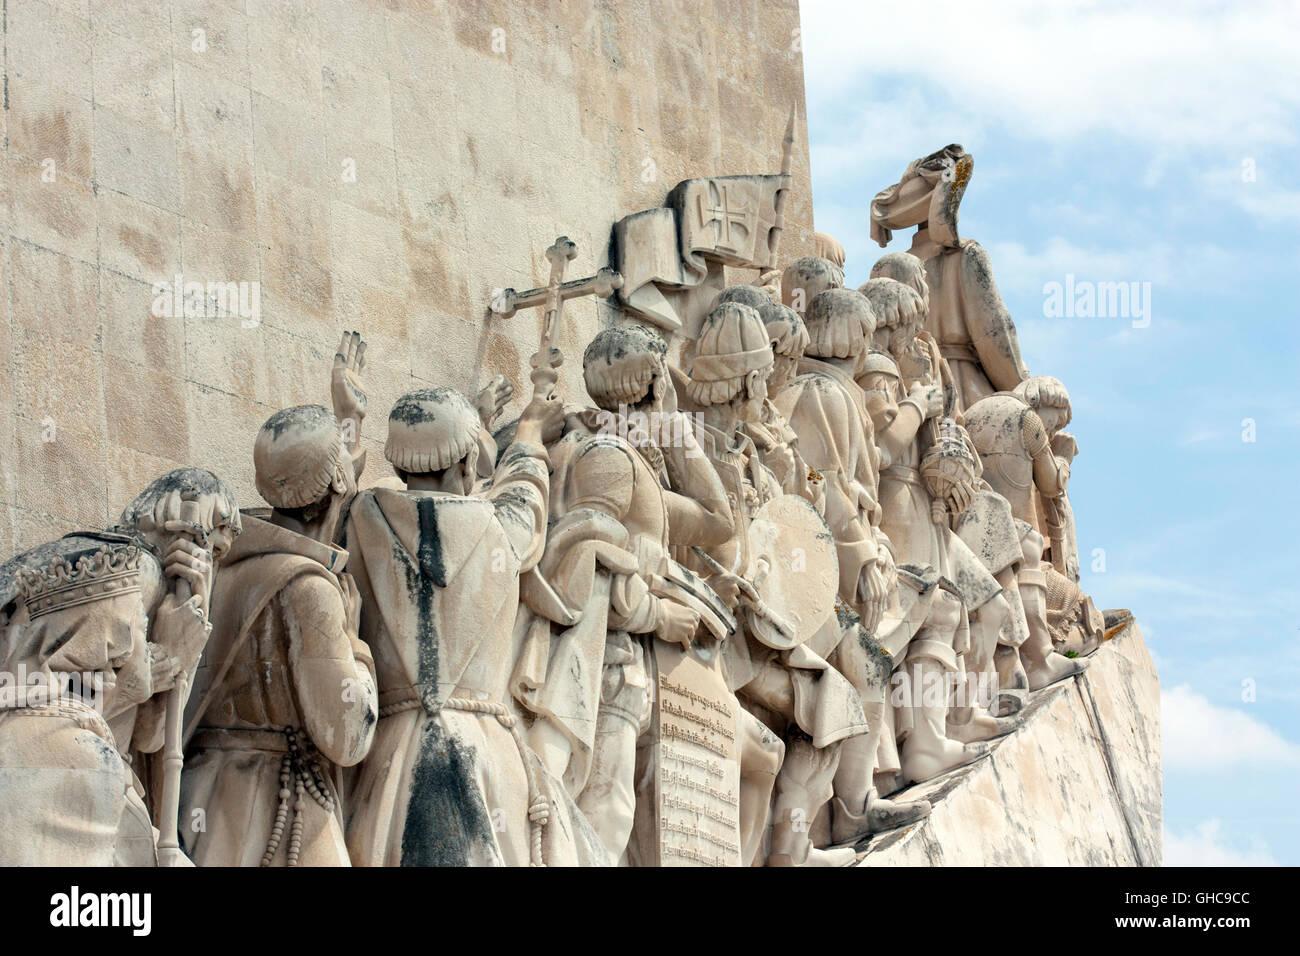 Padrão dos Descobrimentos (Monument to the Discoveries) in Lisbon Portugal - Stock Image